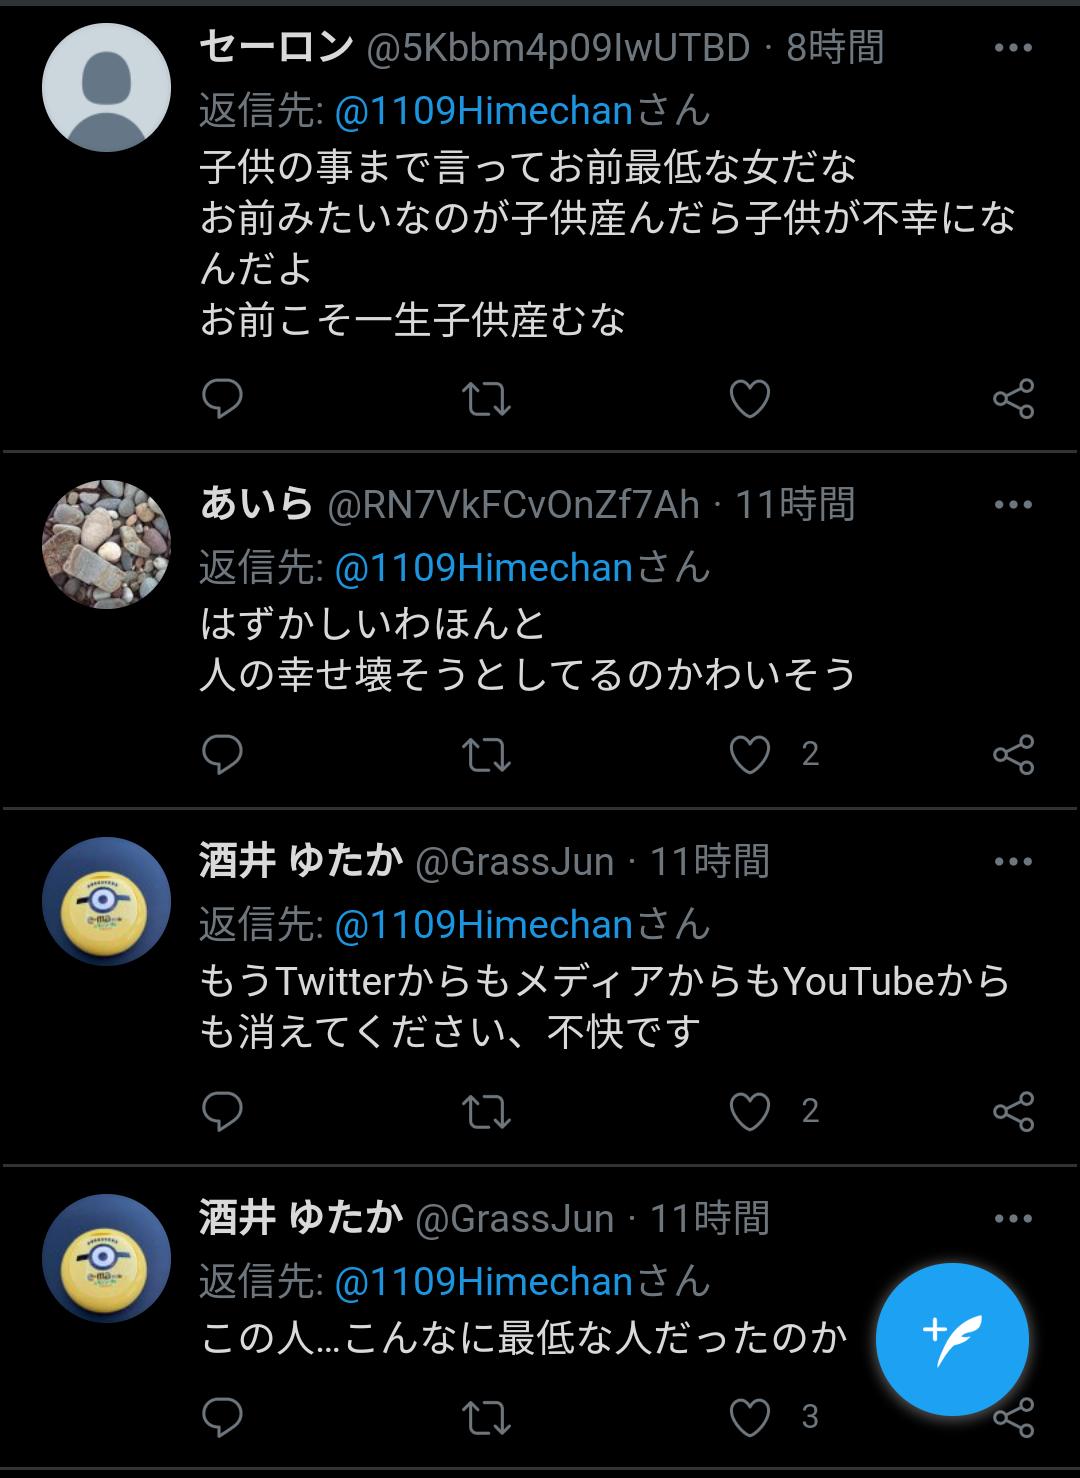 亀田 姫 月 コレコレ